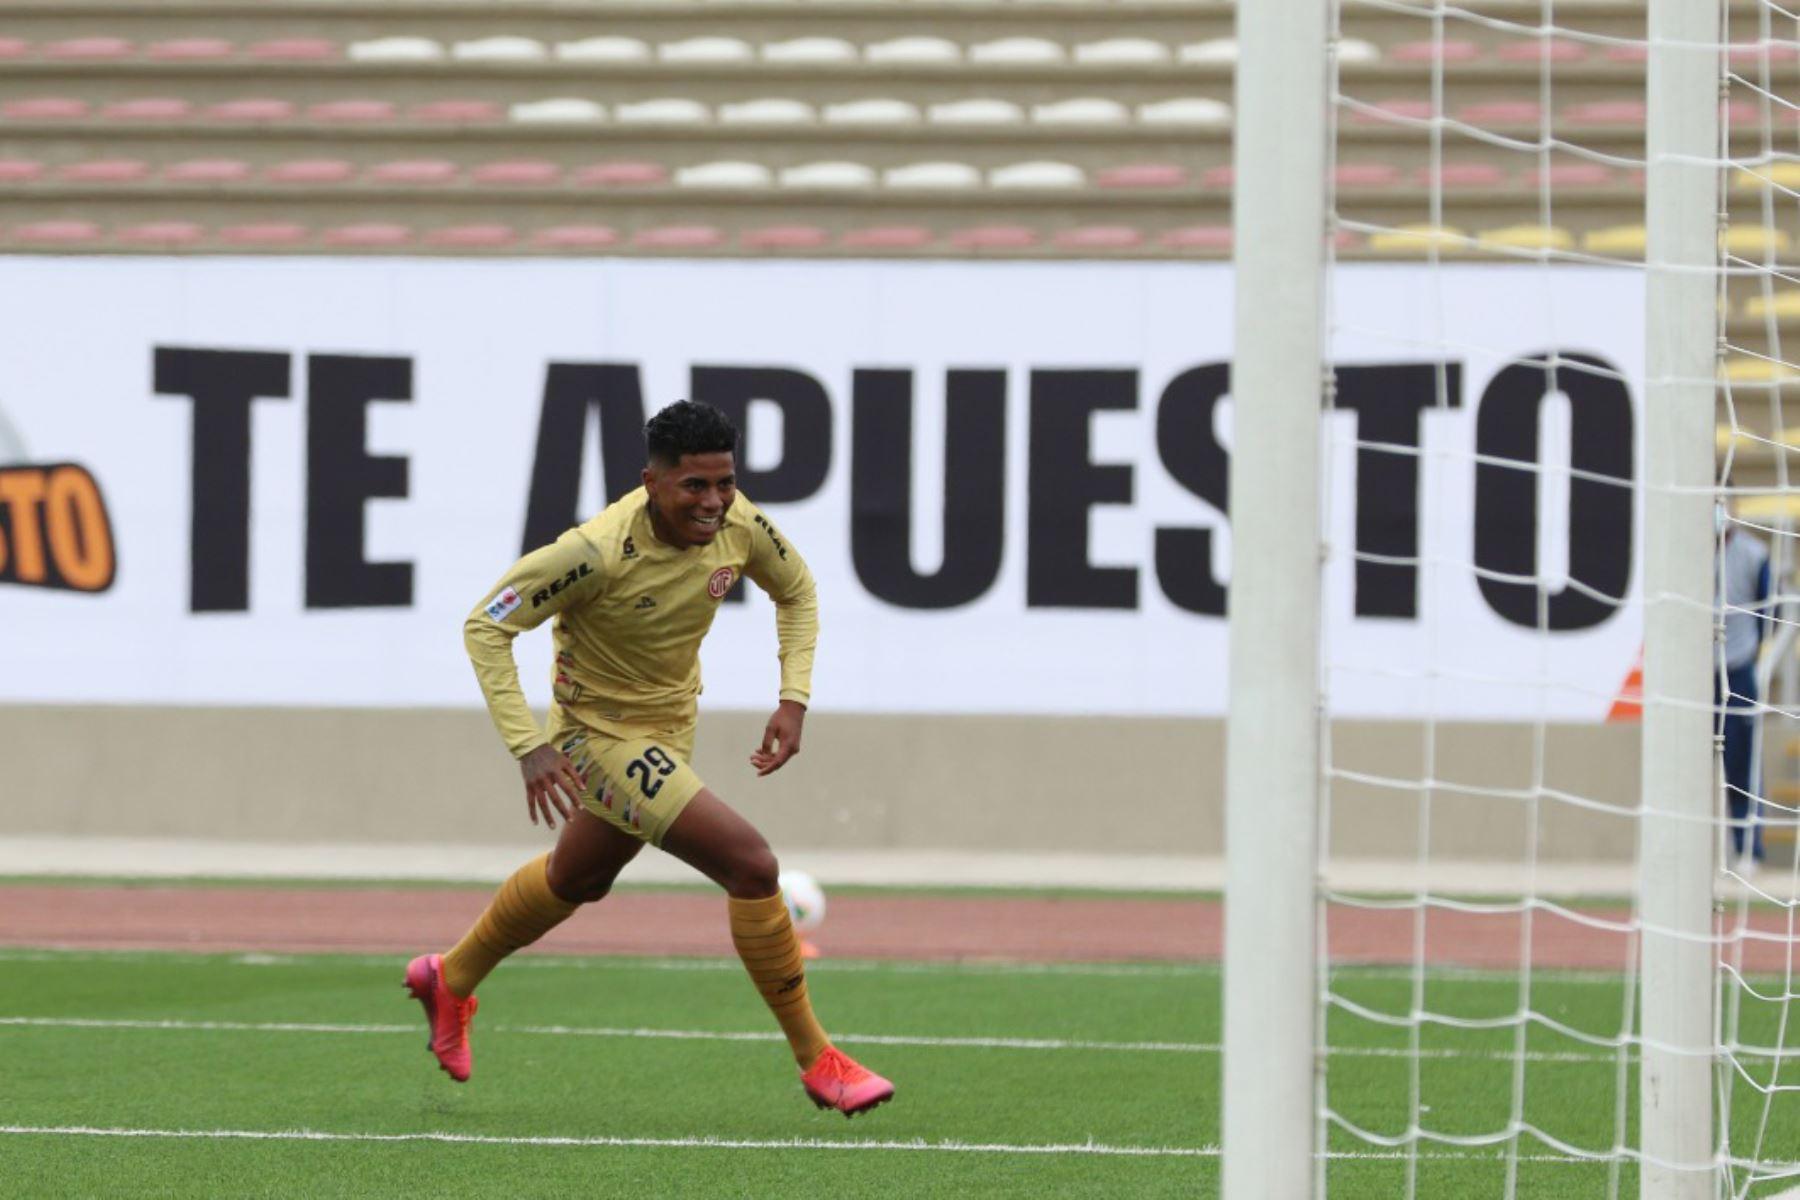 El futbolista  E. Ramirez  de  UTC, celebra su gol anotado  ante Cantolao, durante la jornada 12 de la Liga 1 que se disputa en el estadio San Marcos.  Foto: @LigaFutProf